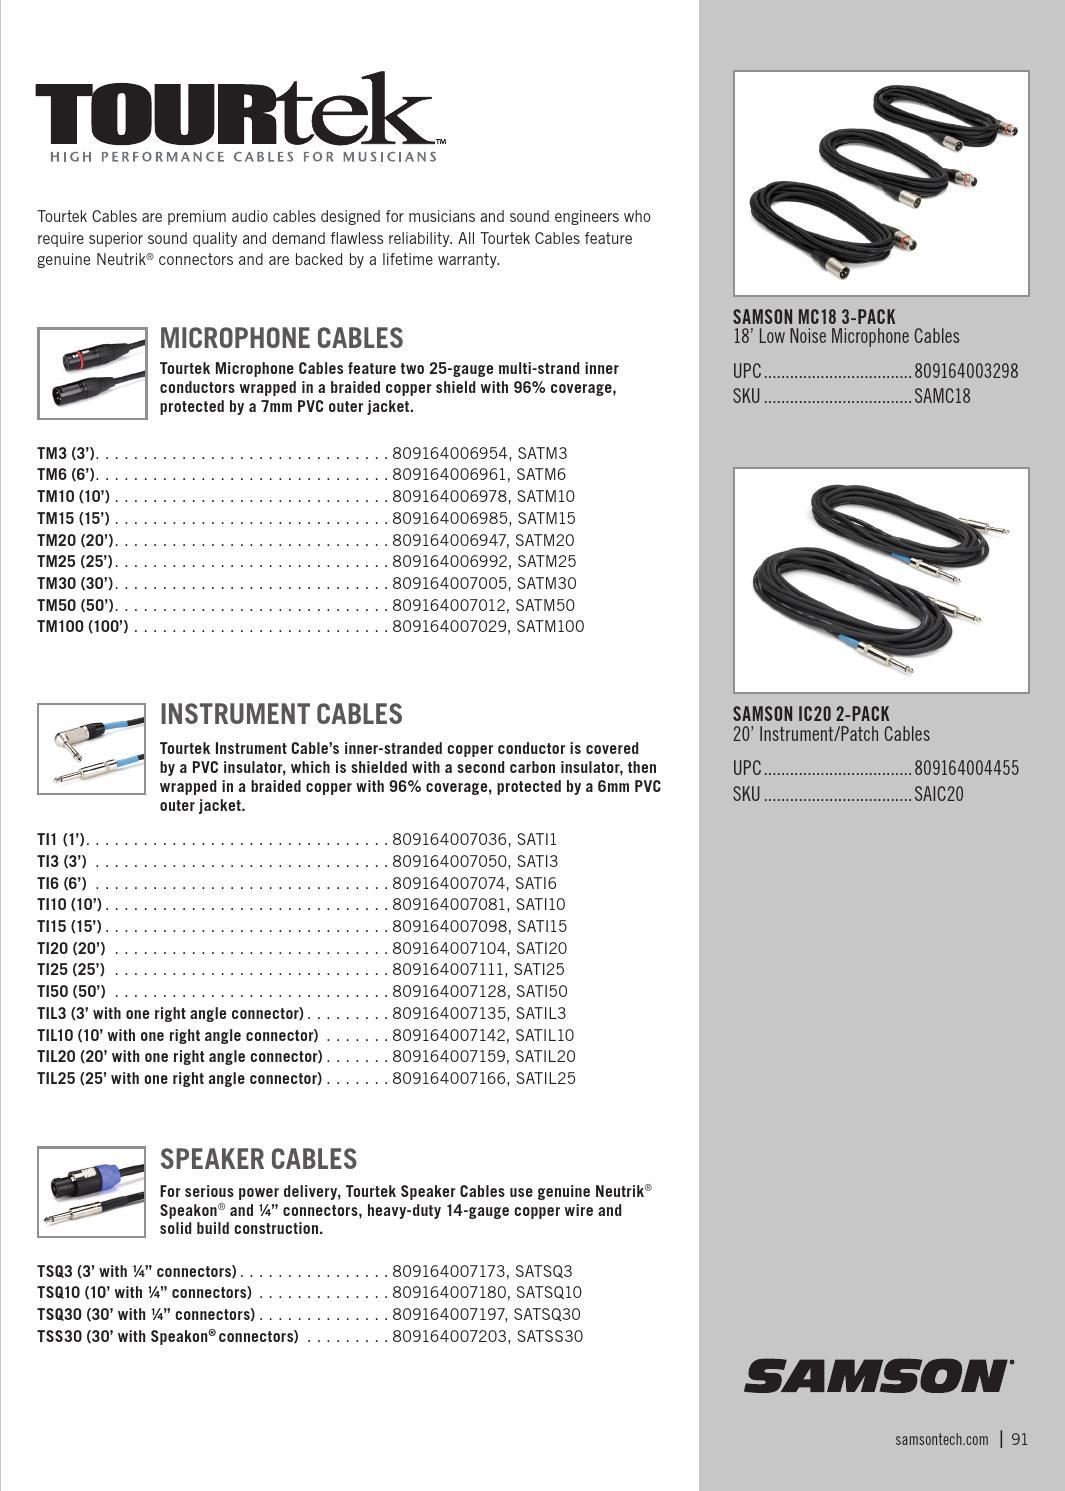 Samson Full Line Catalog 2015